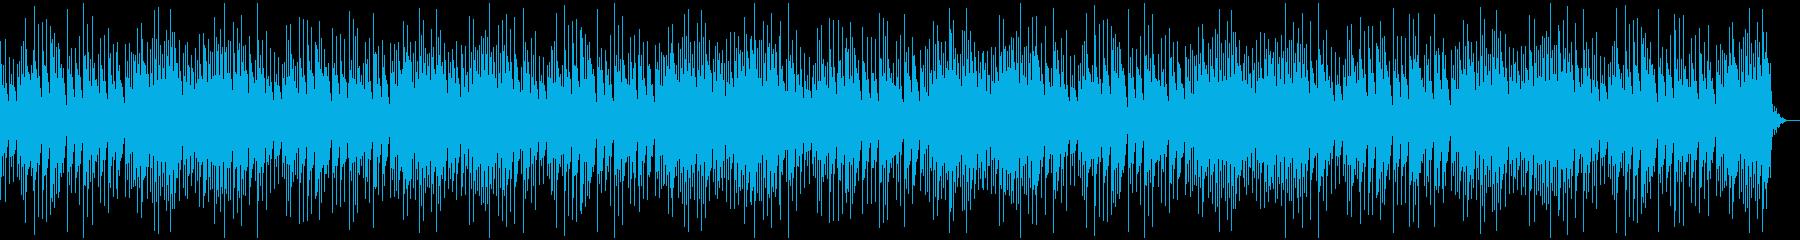 センチメンタルでゆったりしたオルゴール曲の再生済みの波形